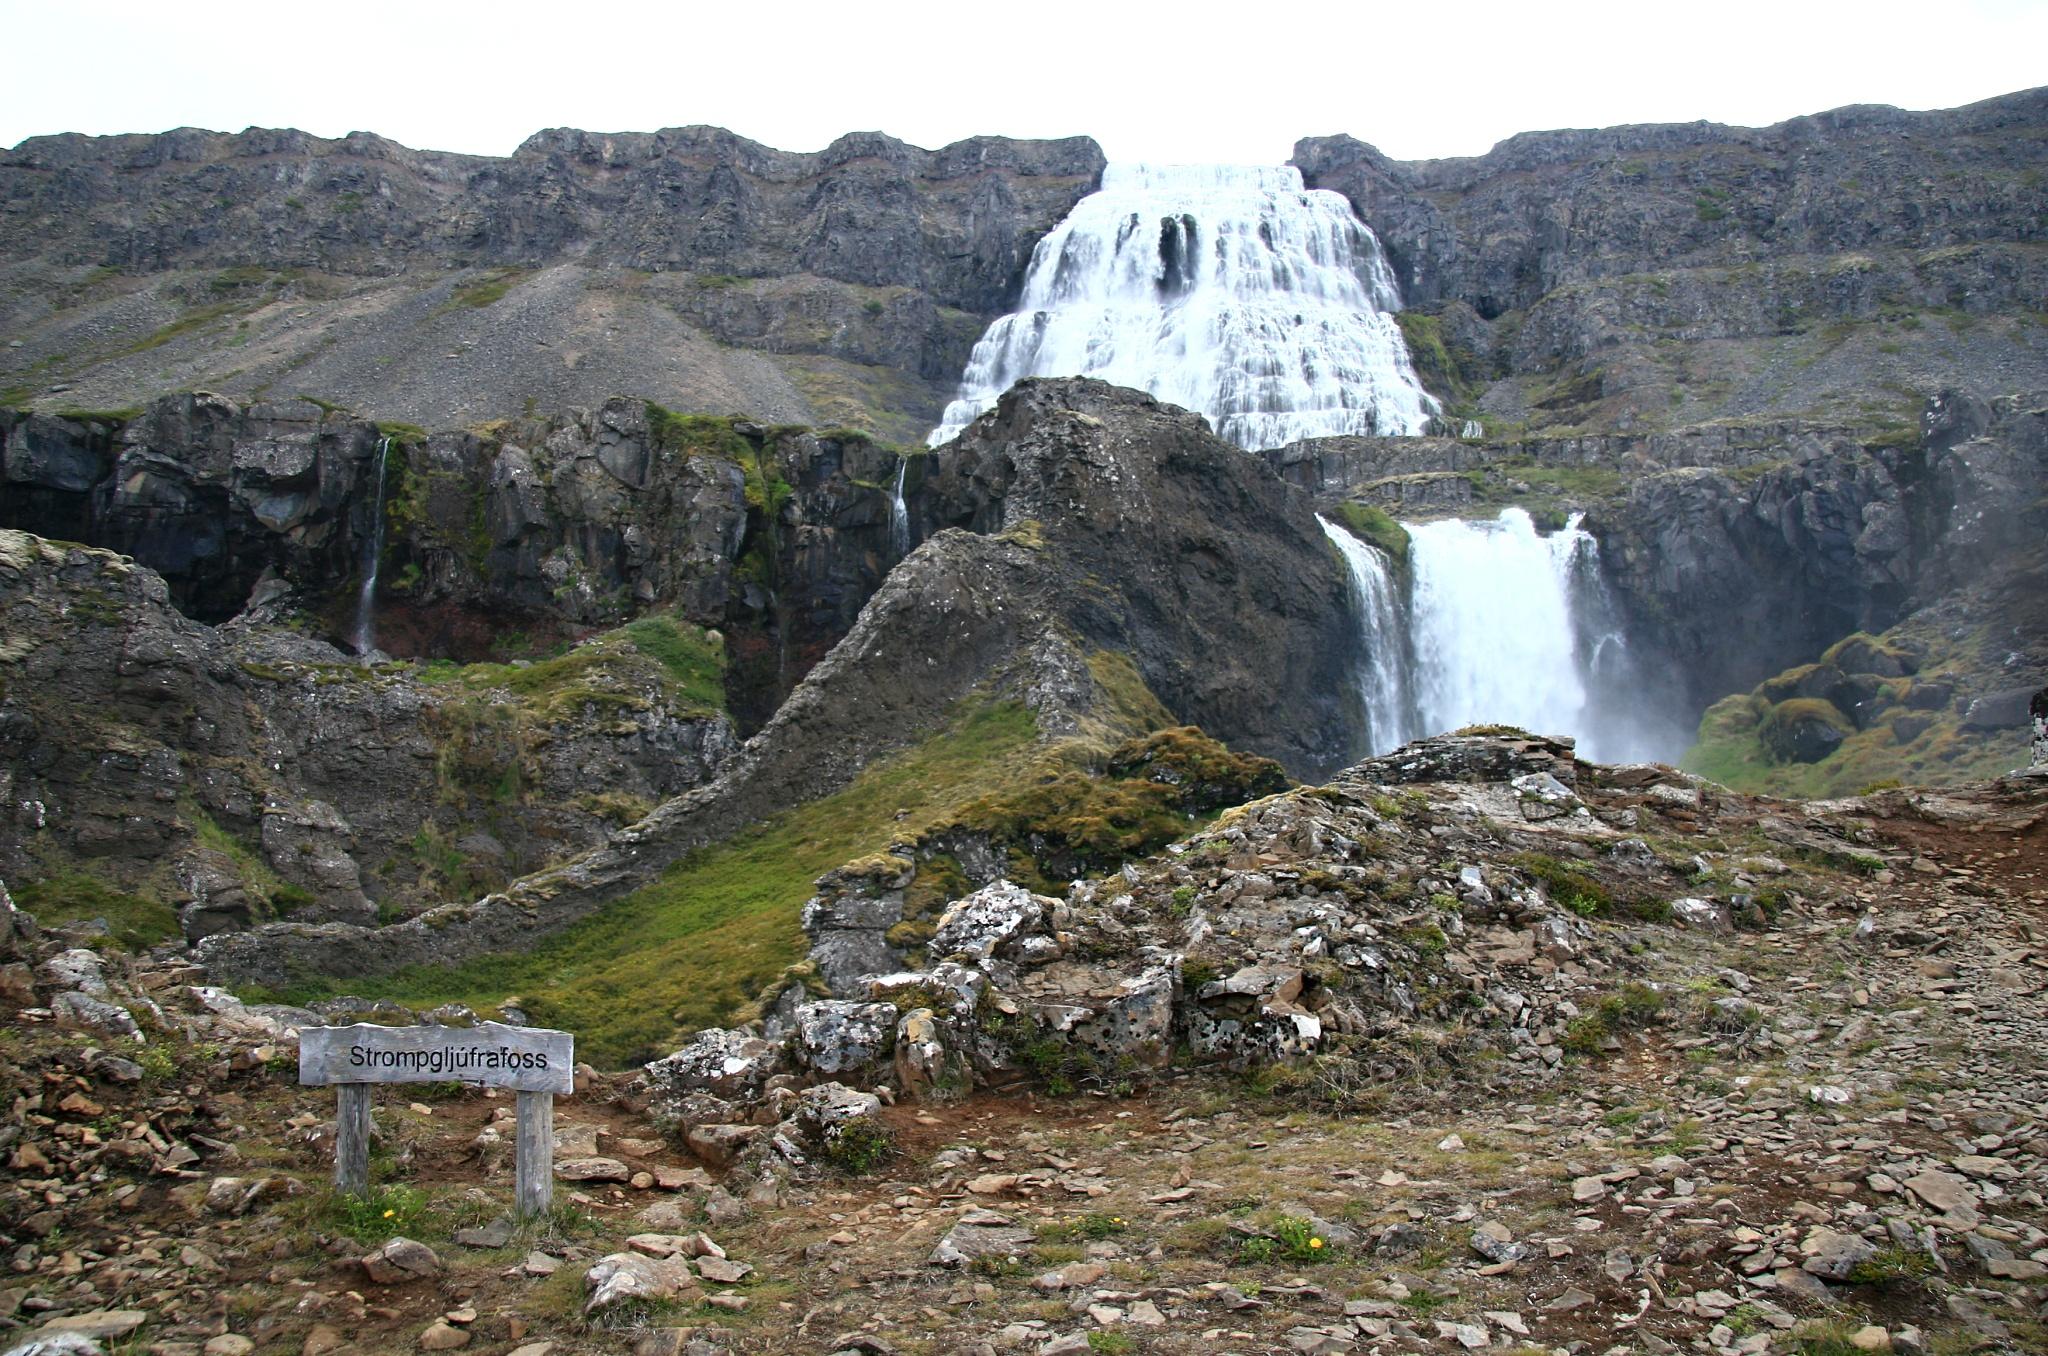 Další vodopád Strompgljúfrafoss